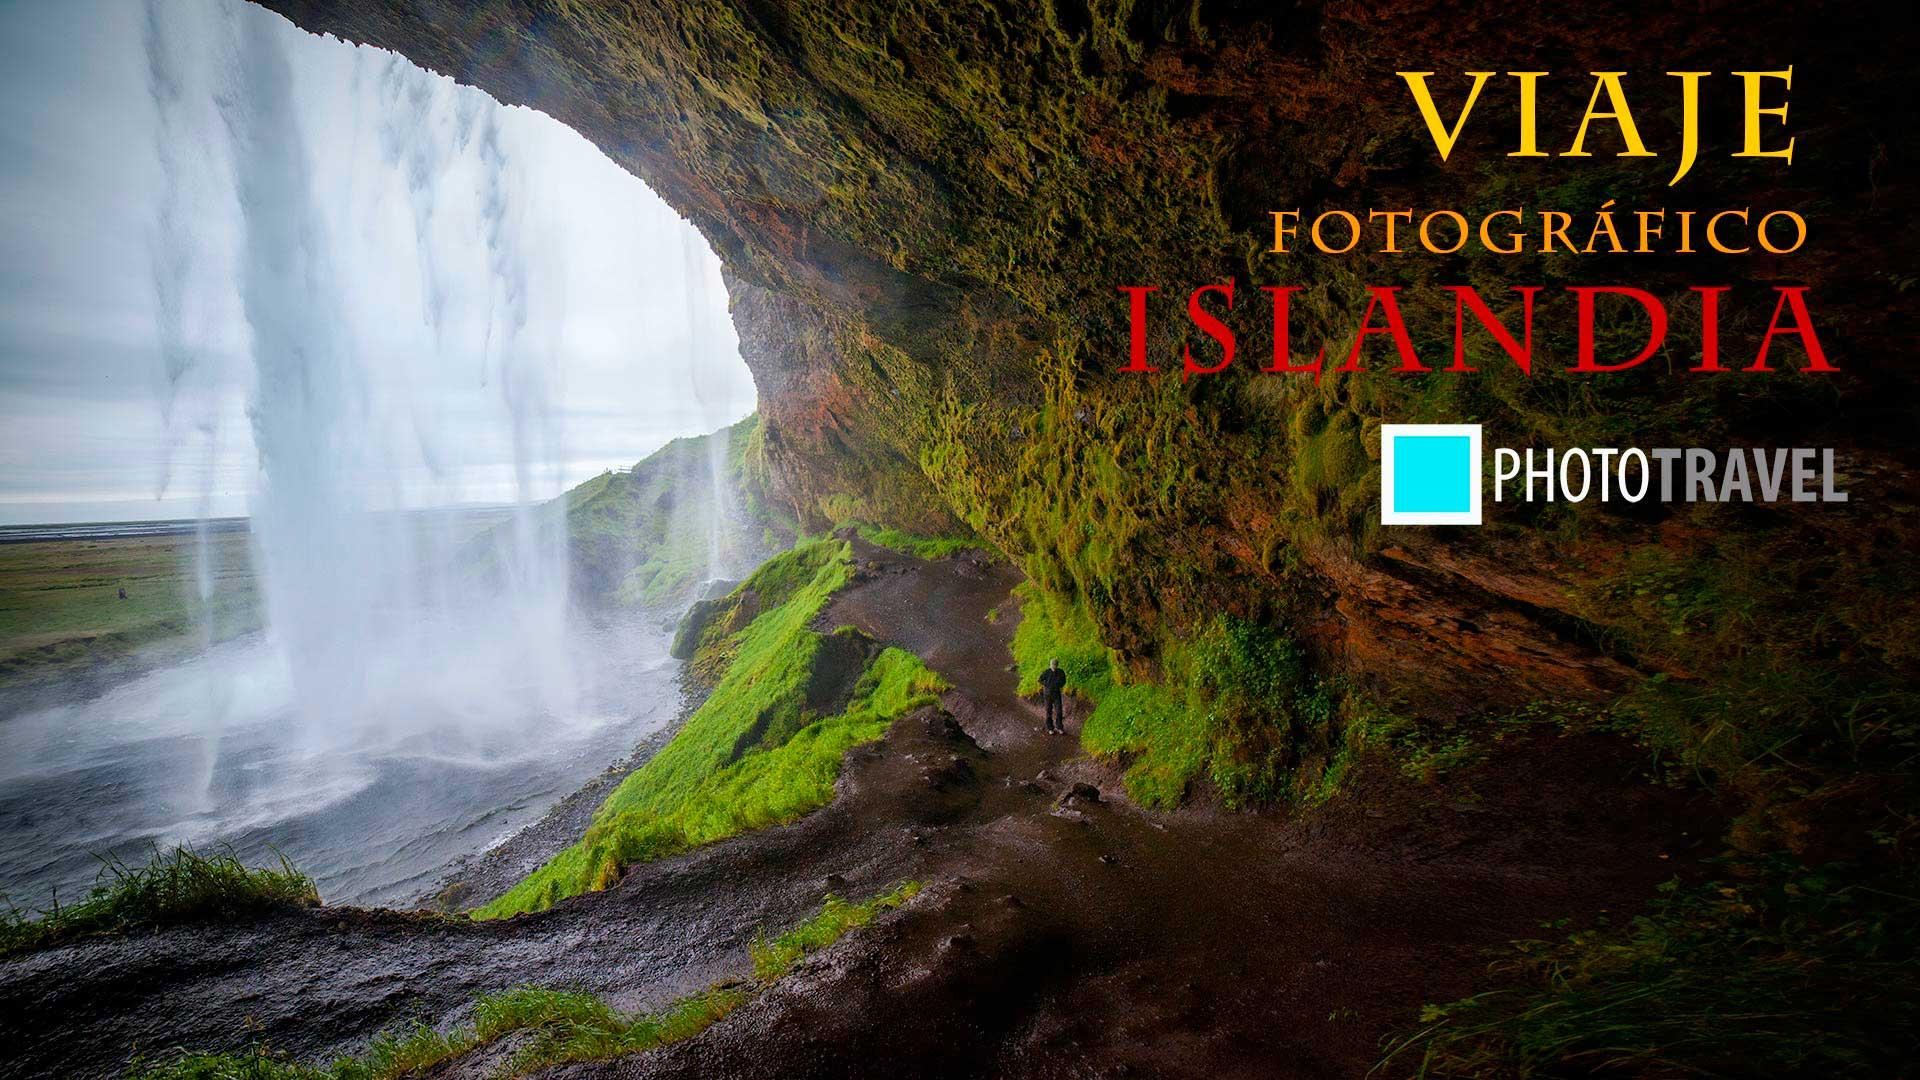 Viaje fotográfico Islandia